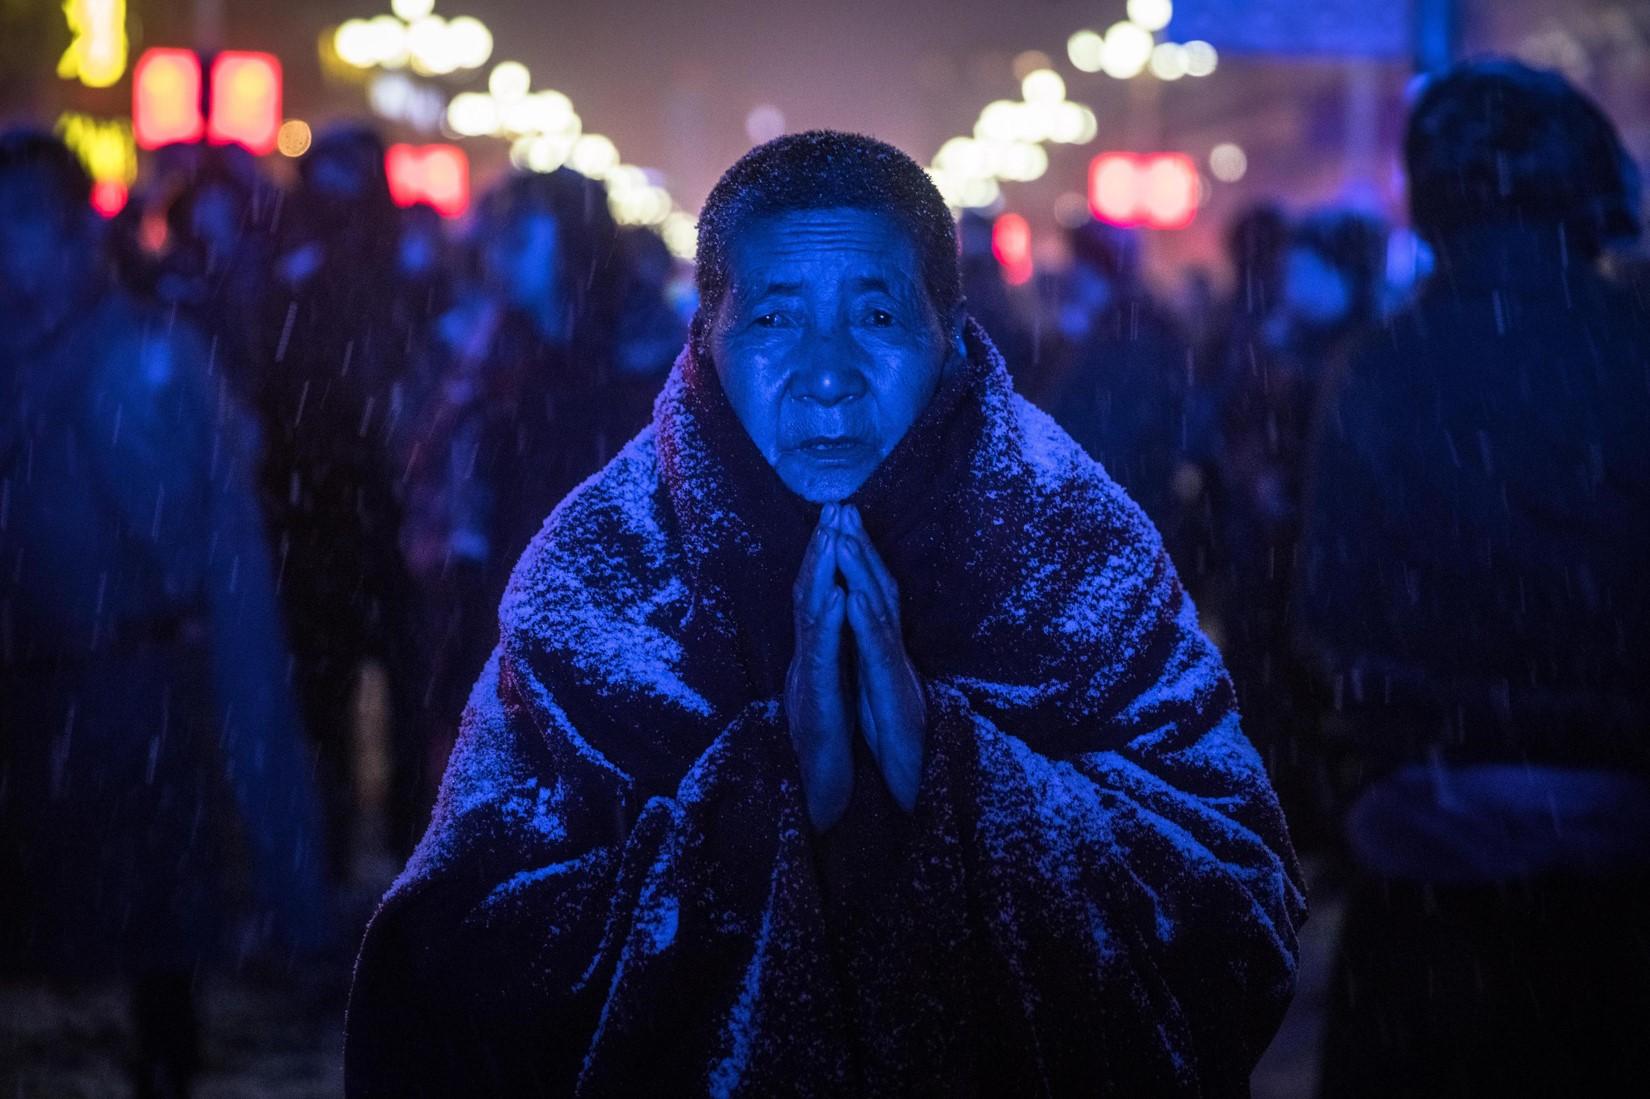 Una suora buddista prega durante una cerimonia con sculture fatte di burro di yak nel monastero di Labrang